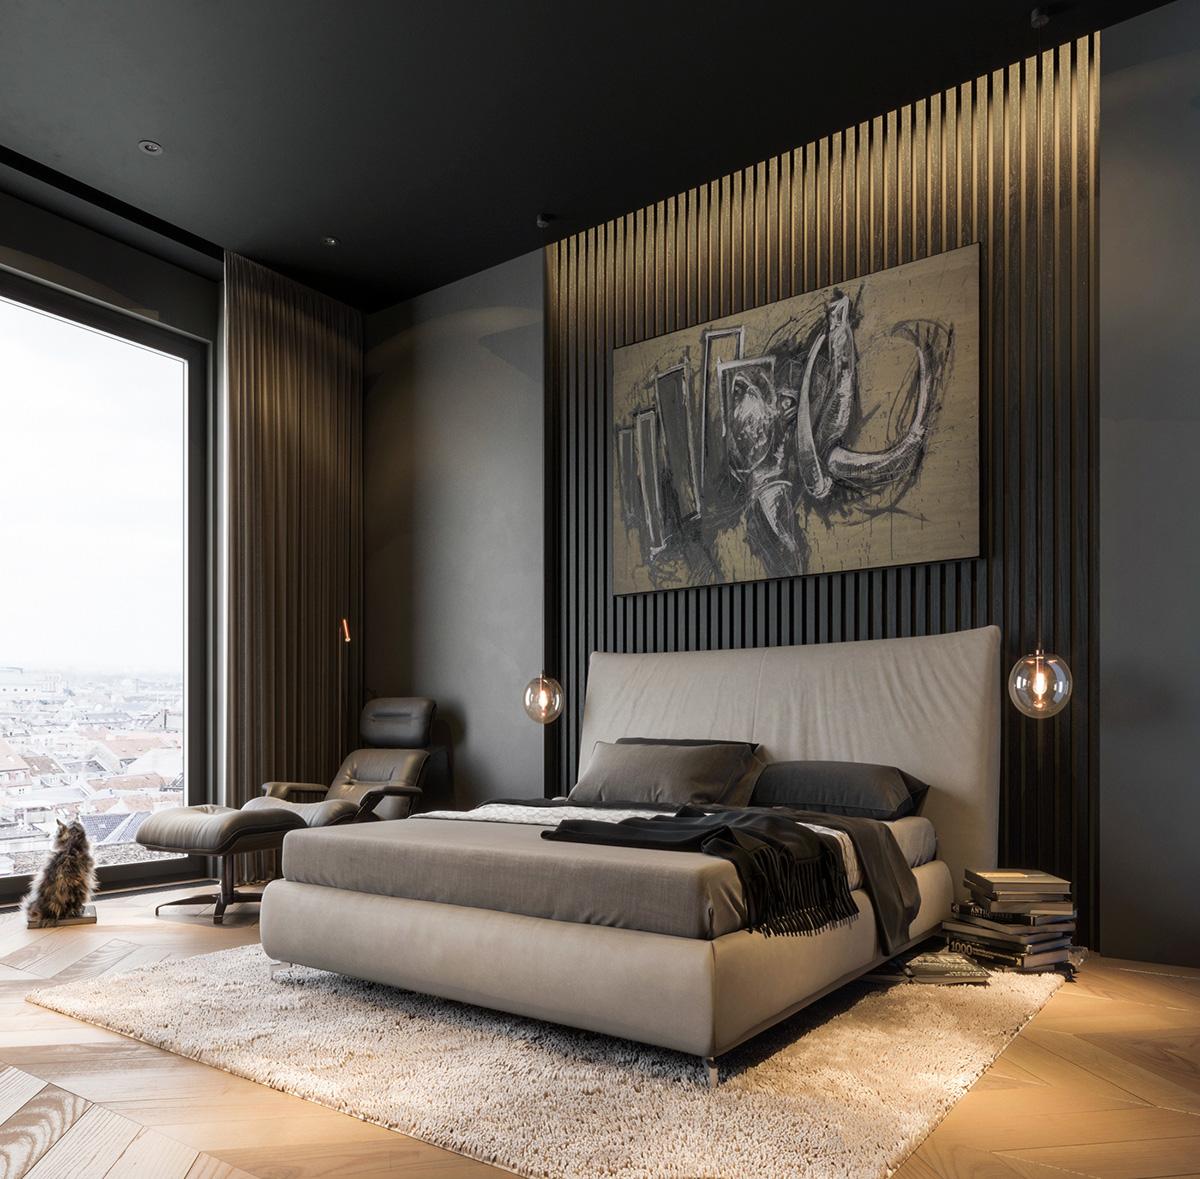 Modern Home Design Ideas Gray: Modern Dark Interior Design